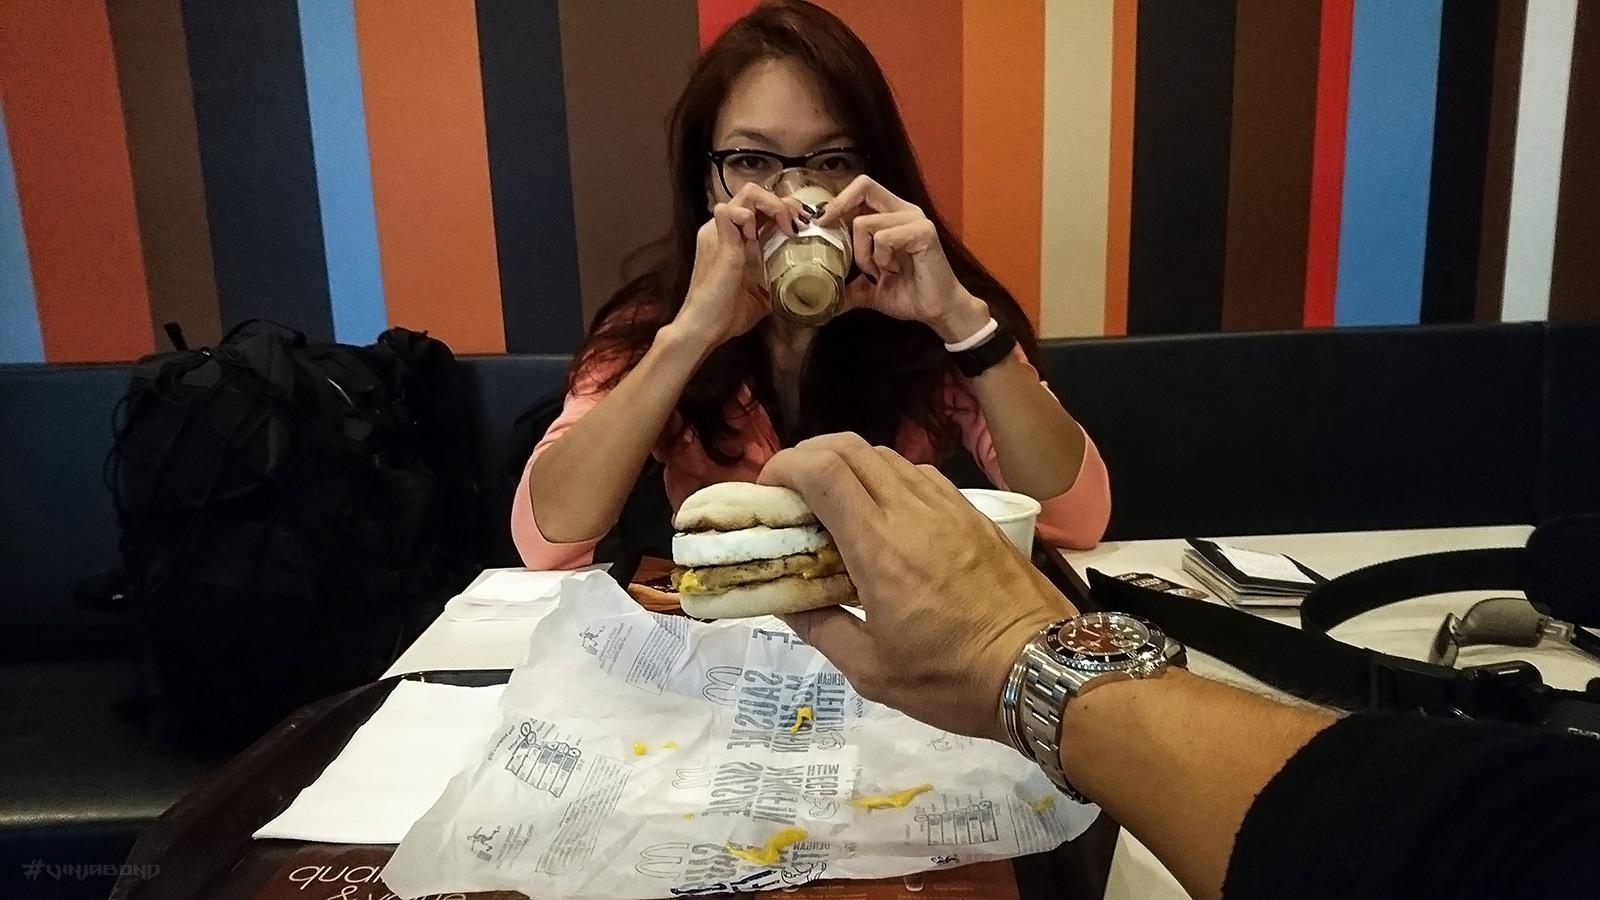 McDonald's at Penang Airport /// VINJABOND